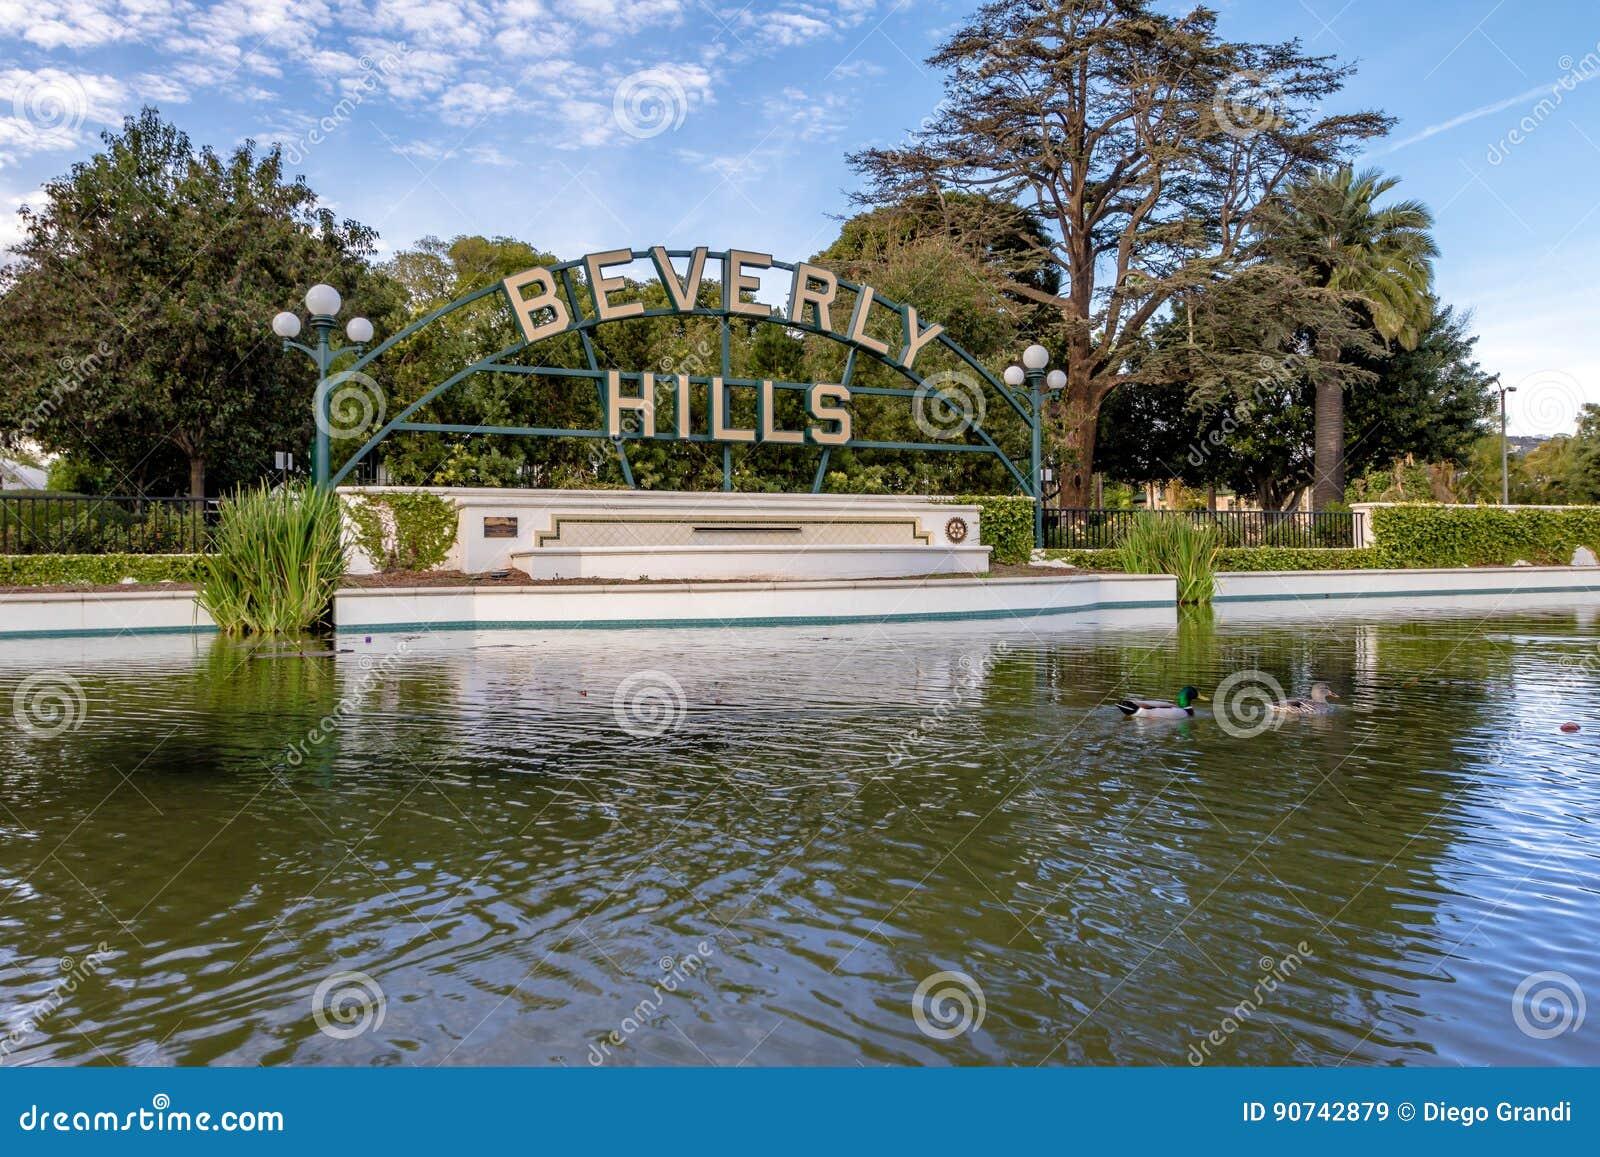 Segno delle colline di Berverly - Los Angeles, California, U.S.A.